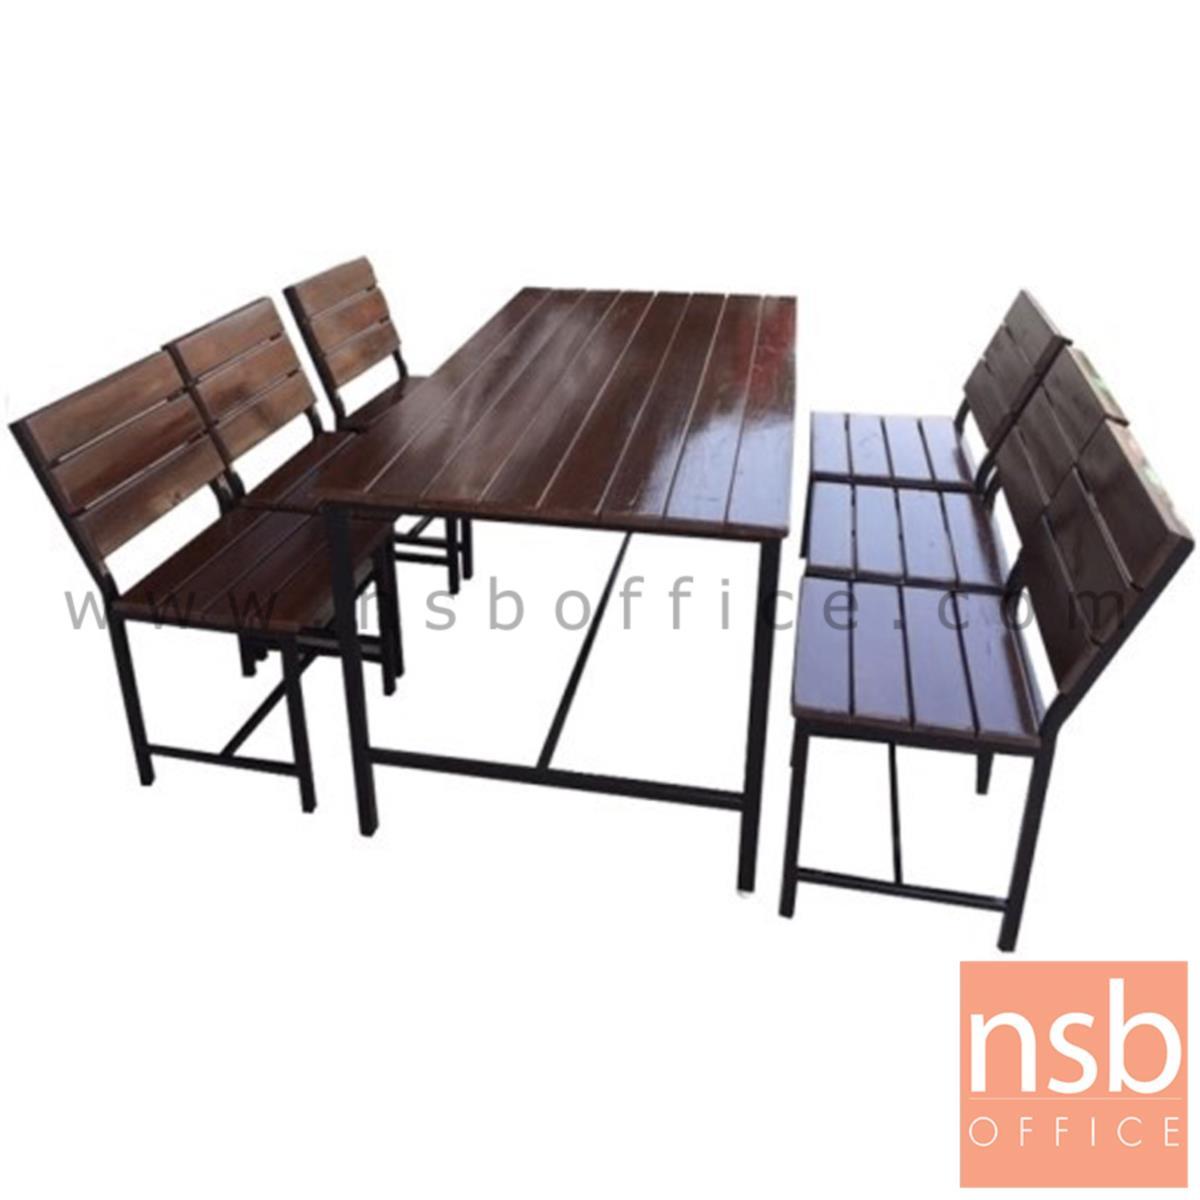 ชุดโต๊ะและเก้าอี้กิจกรรมไม้ระแนงทำสีโอ๊ค รุ่น VIRGINIA (เวอร์จิเนีย) ขนาด 120W ,150W cm. ขาเหล็ก